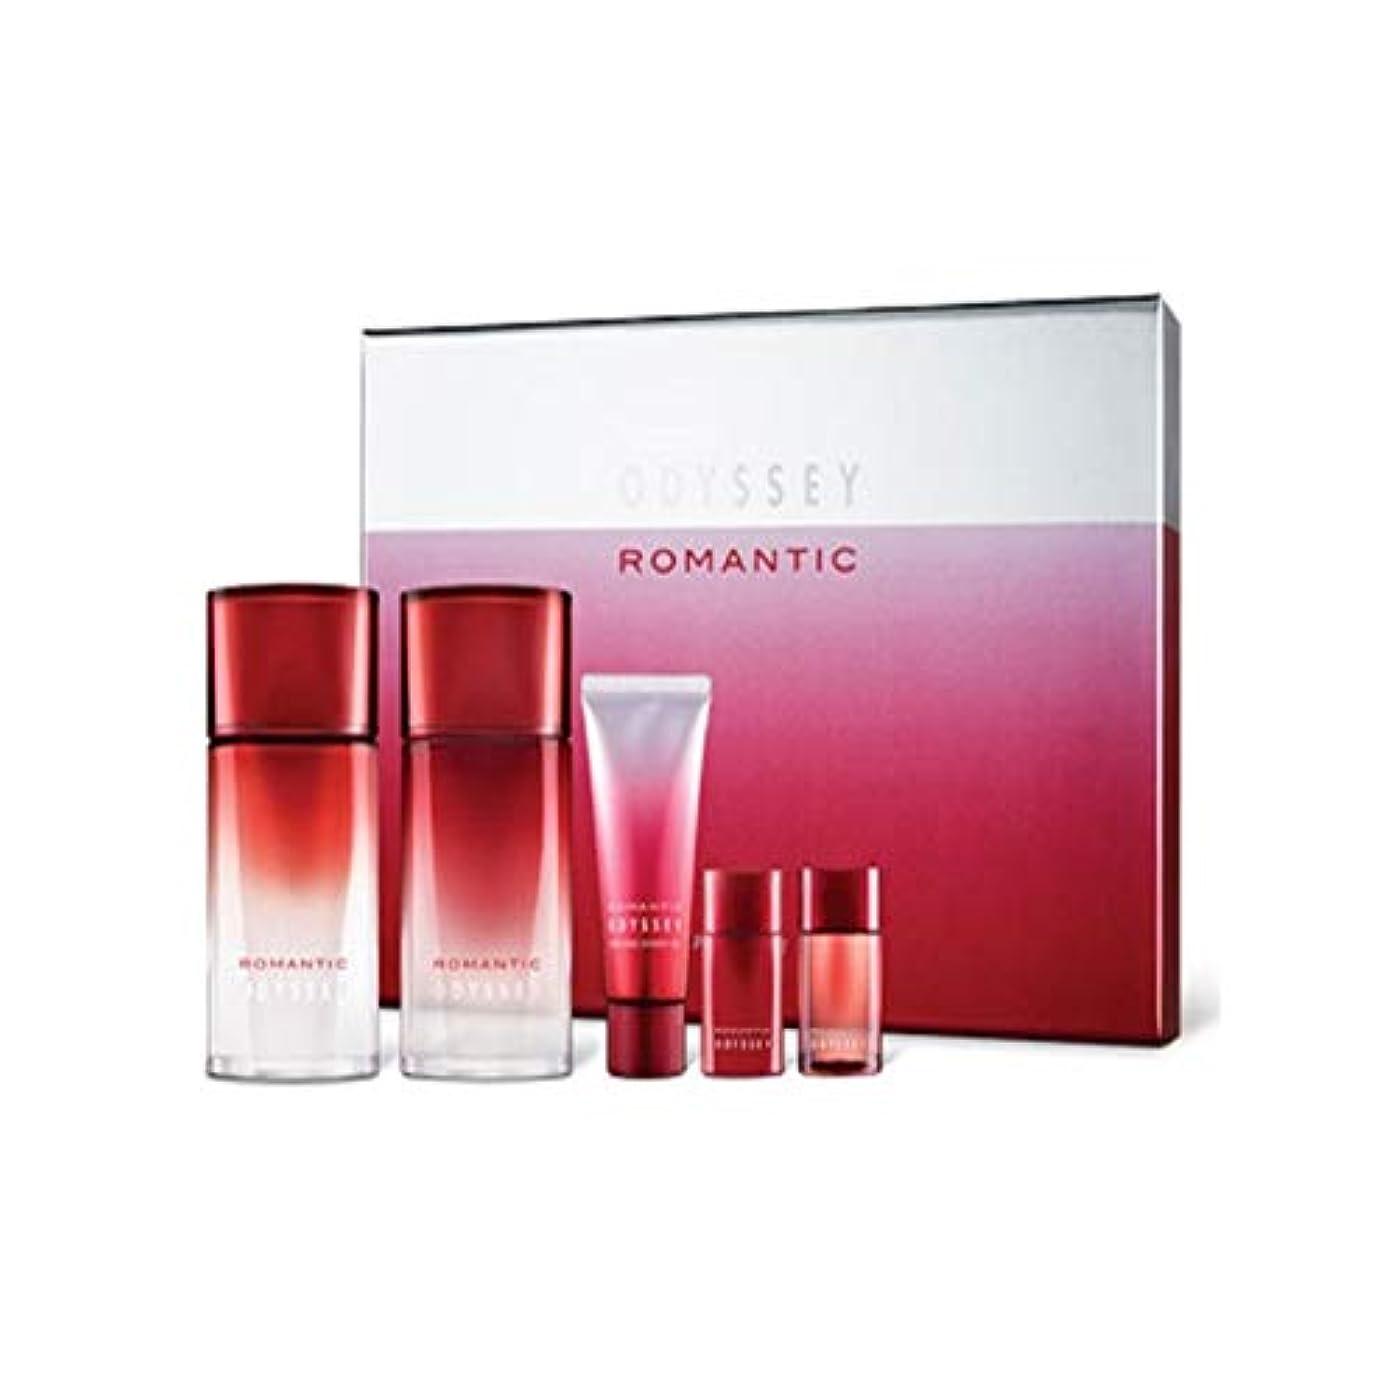 熱望する割り当て豚オデッセイロマンチックスキンリファイナーローションセットメンズコスメ韓国コスメ、Odyssey Romantic Skin Refiner Lotion Set Men's Cosmetics Korean Cosmetics...